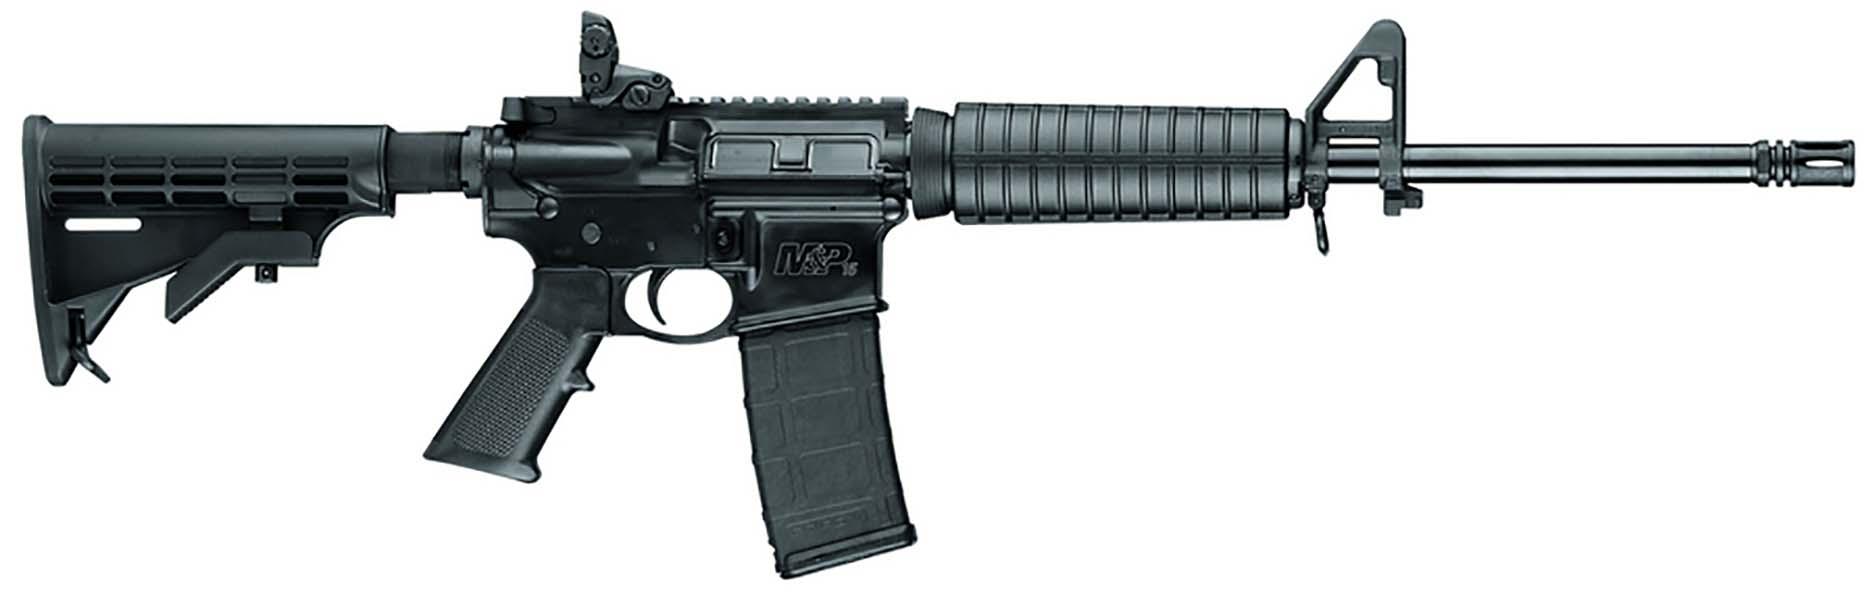 S&W M&P15 SPT 556